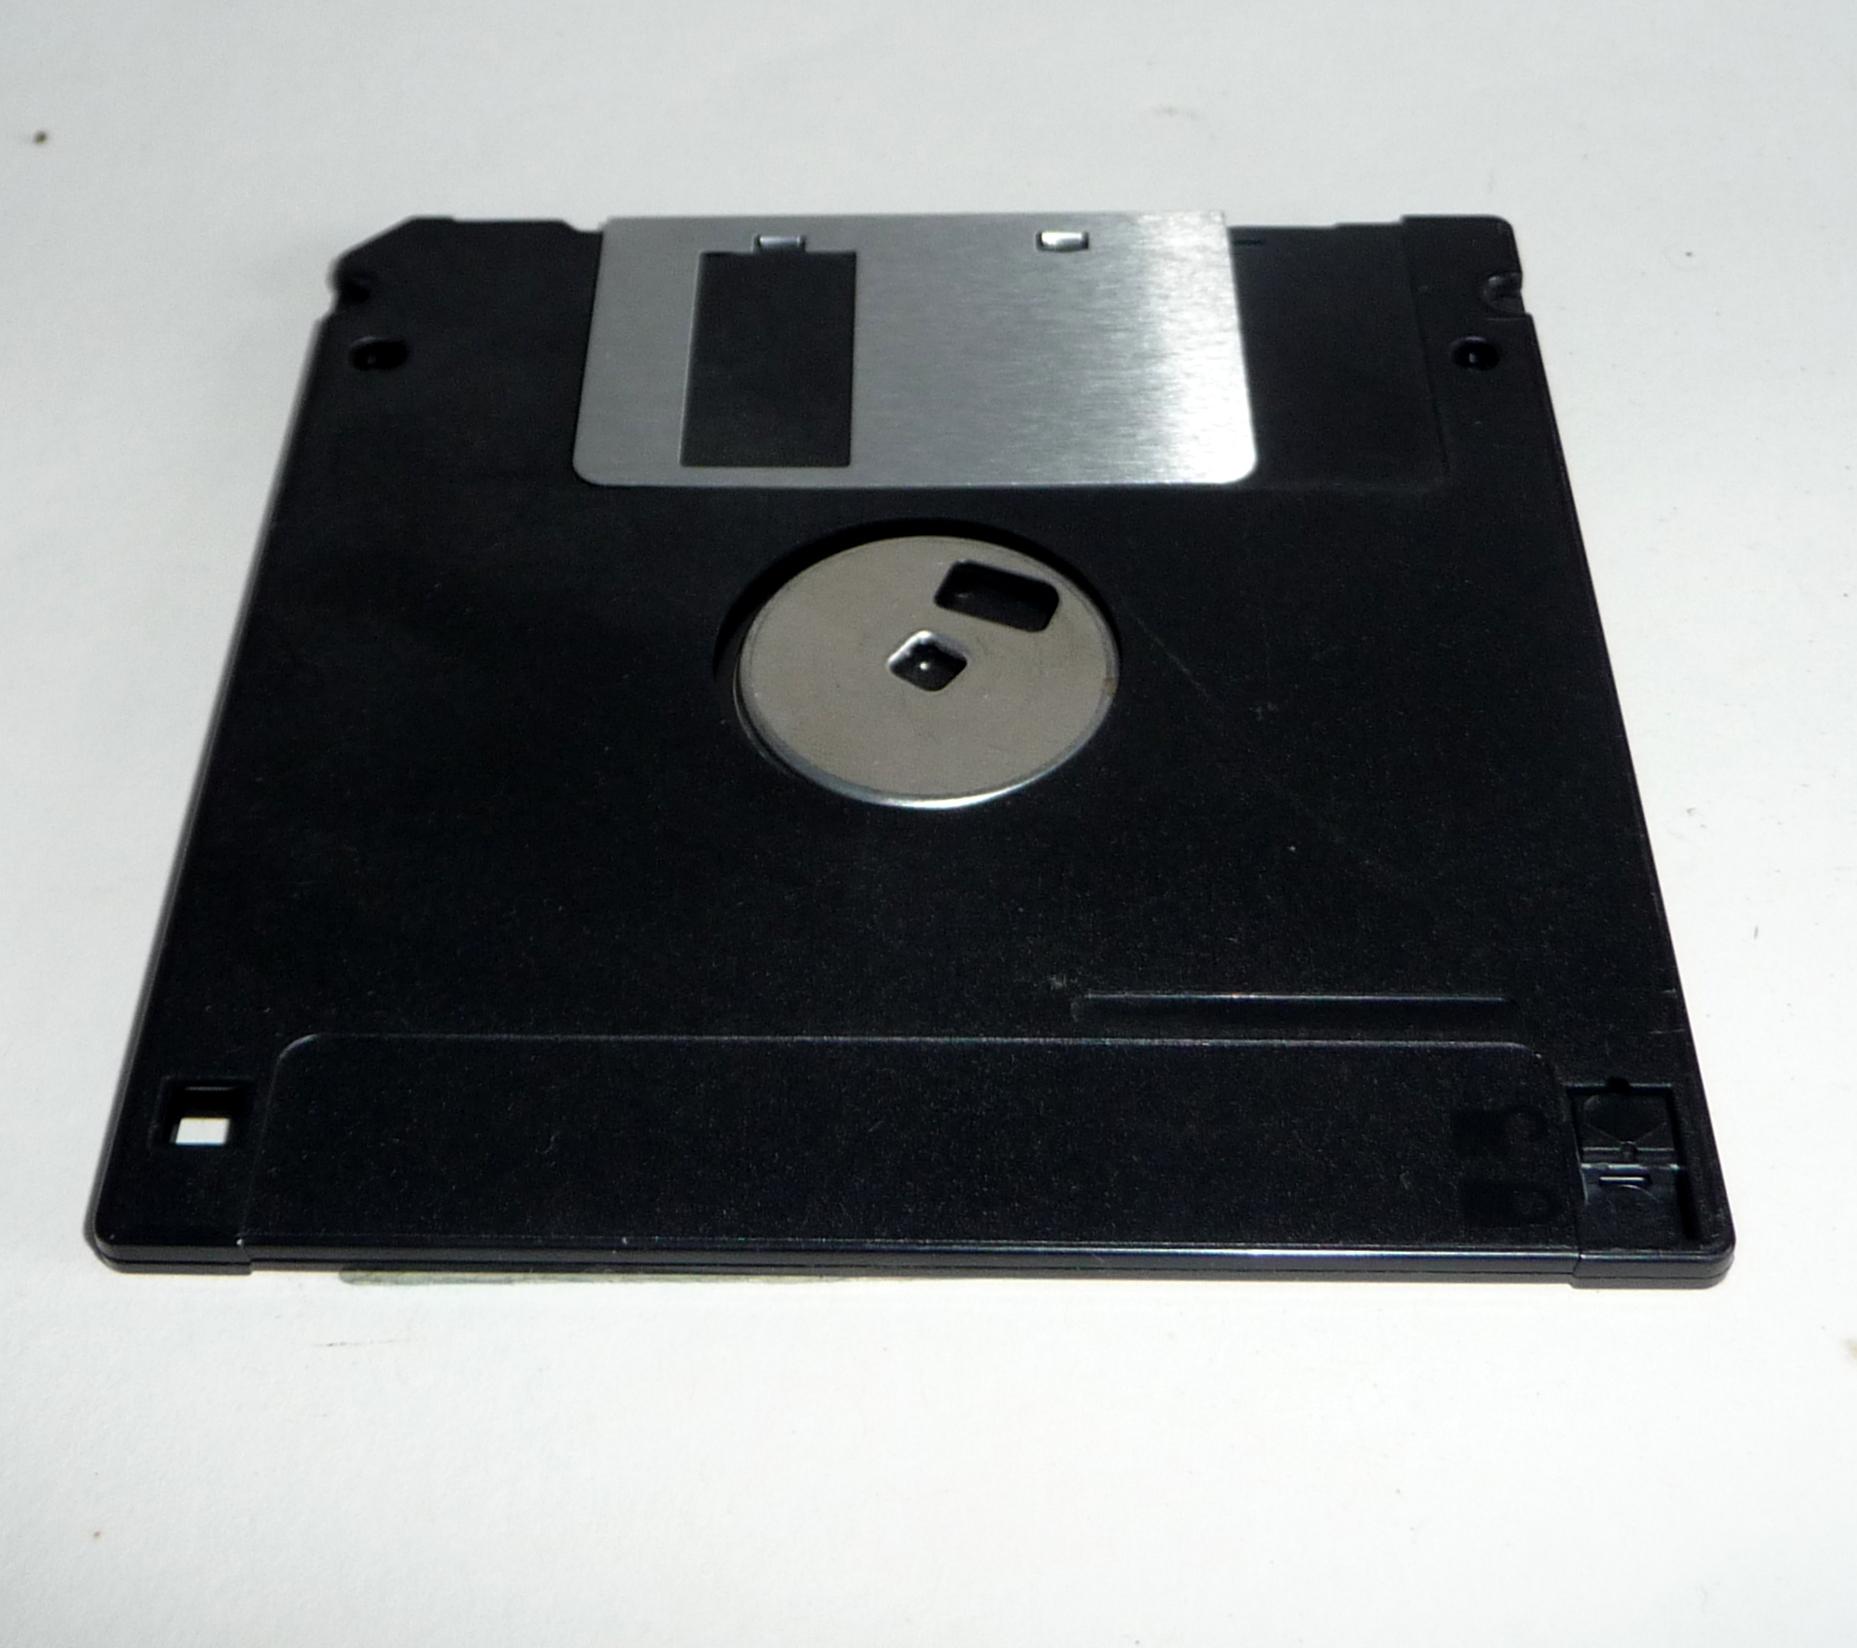 Объем дискеты 3.5: для чего они нужны и как используются в современном мире